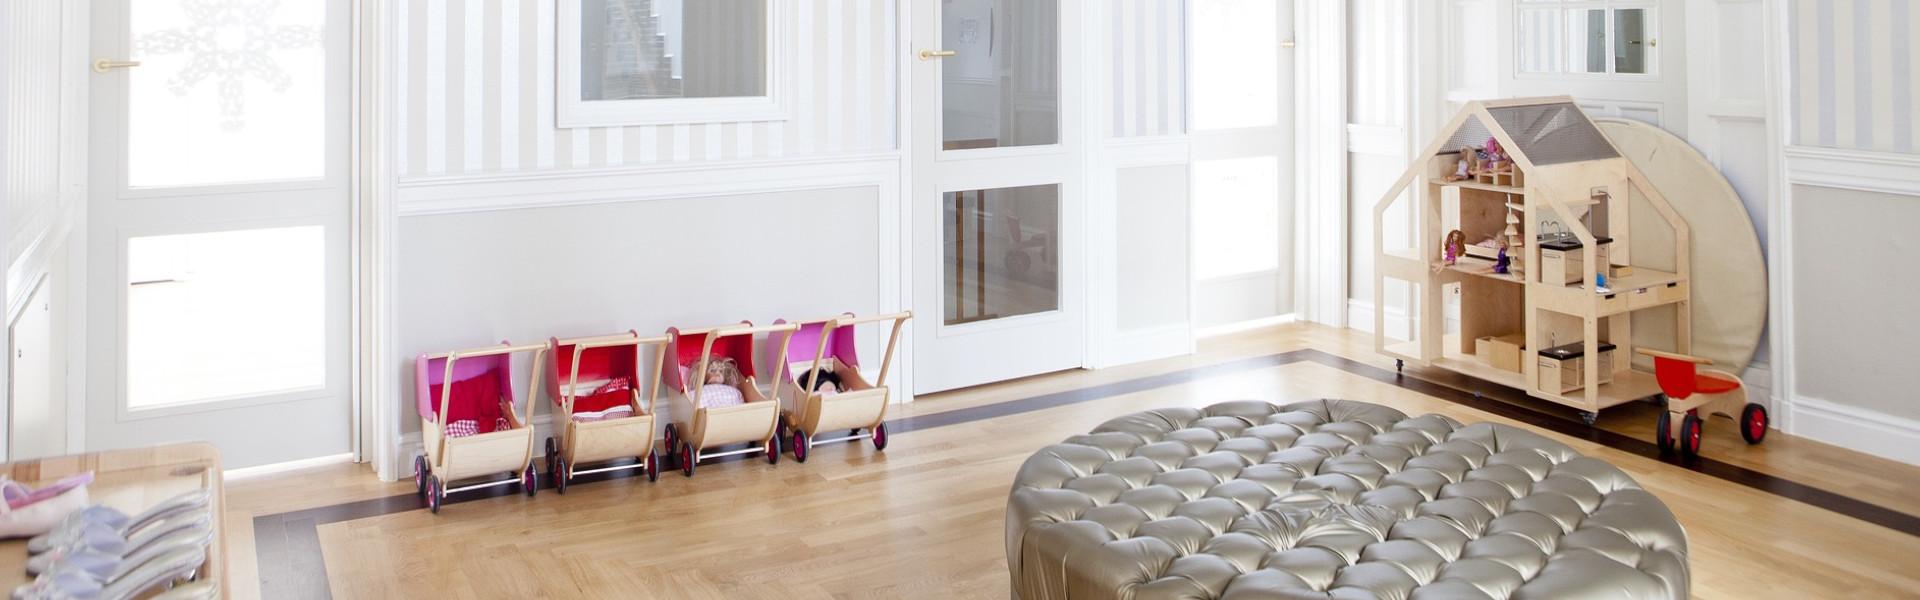 Które oświetlenie jest najlepsze do pokoju naszego dziecka? Żyrandol czy lampa ze szklanymi kloszami?